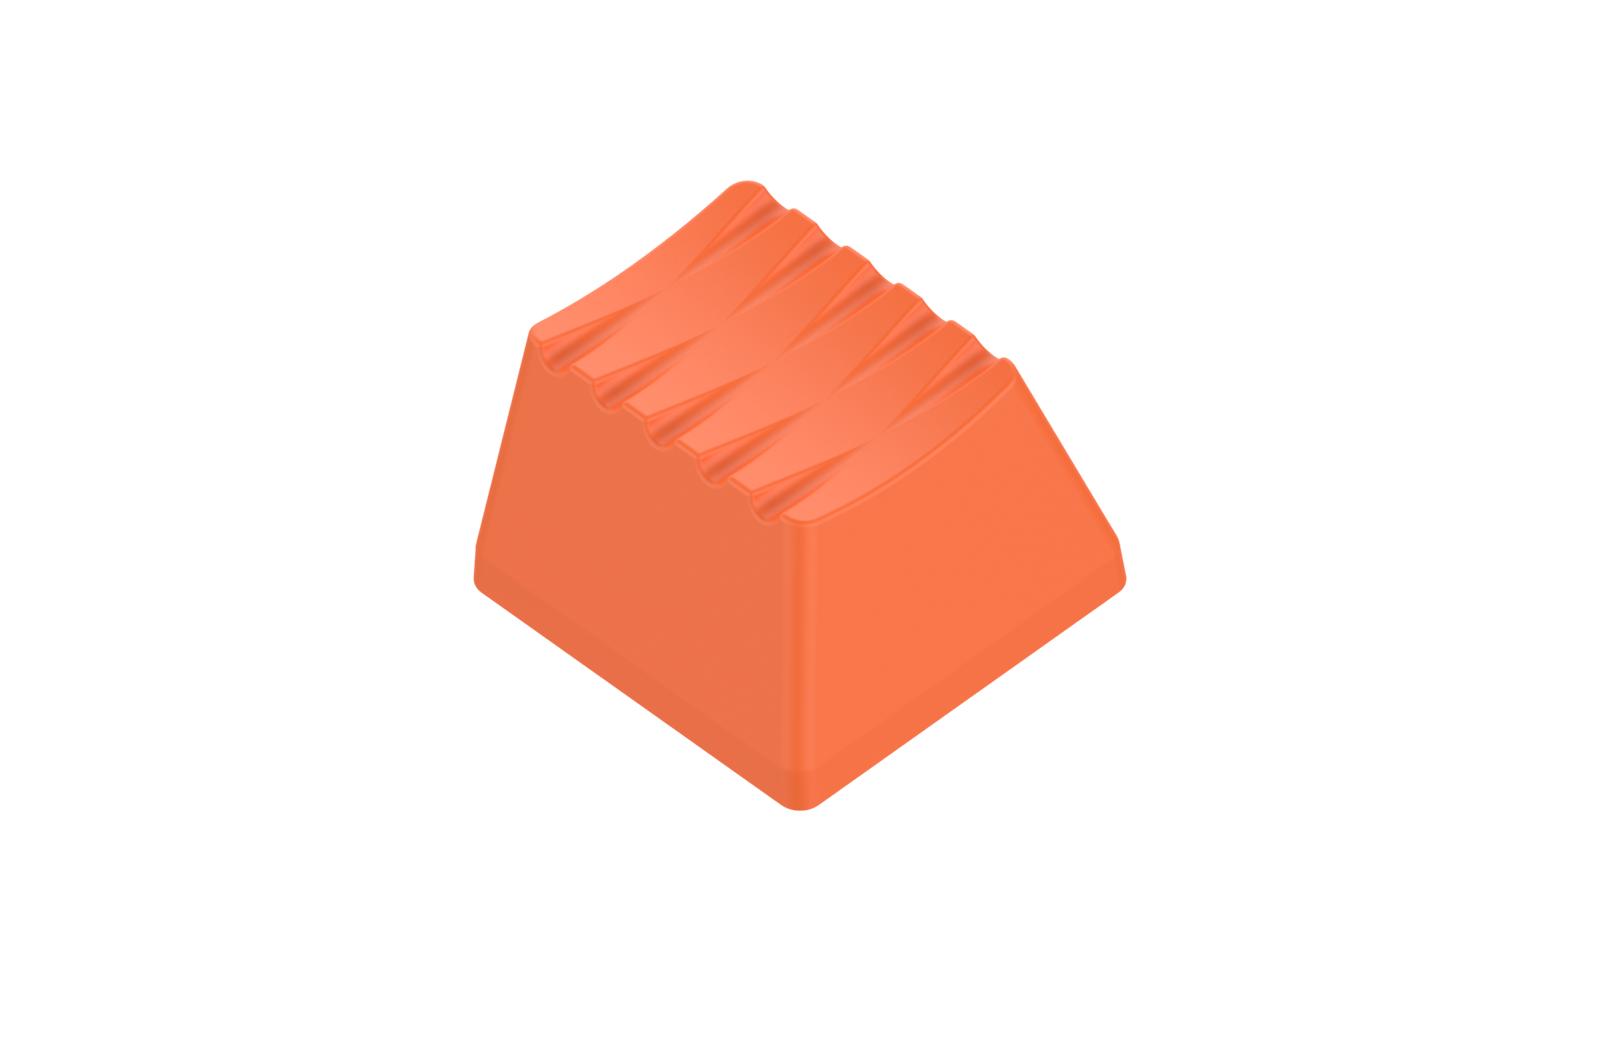 RAMA-KEYCAP-RENDER-R002.120.png